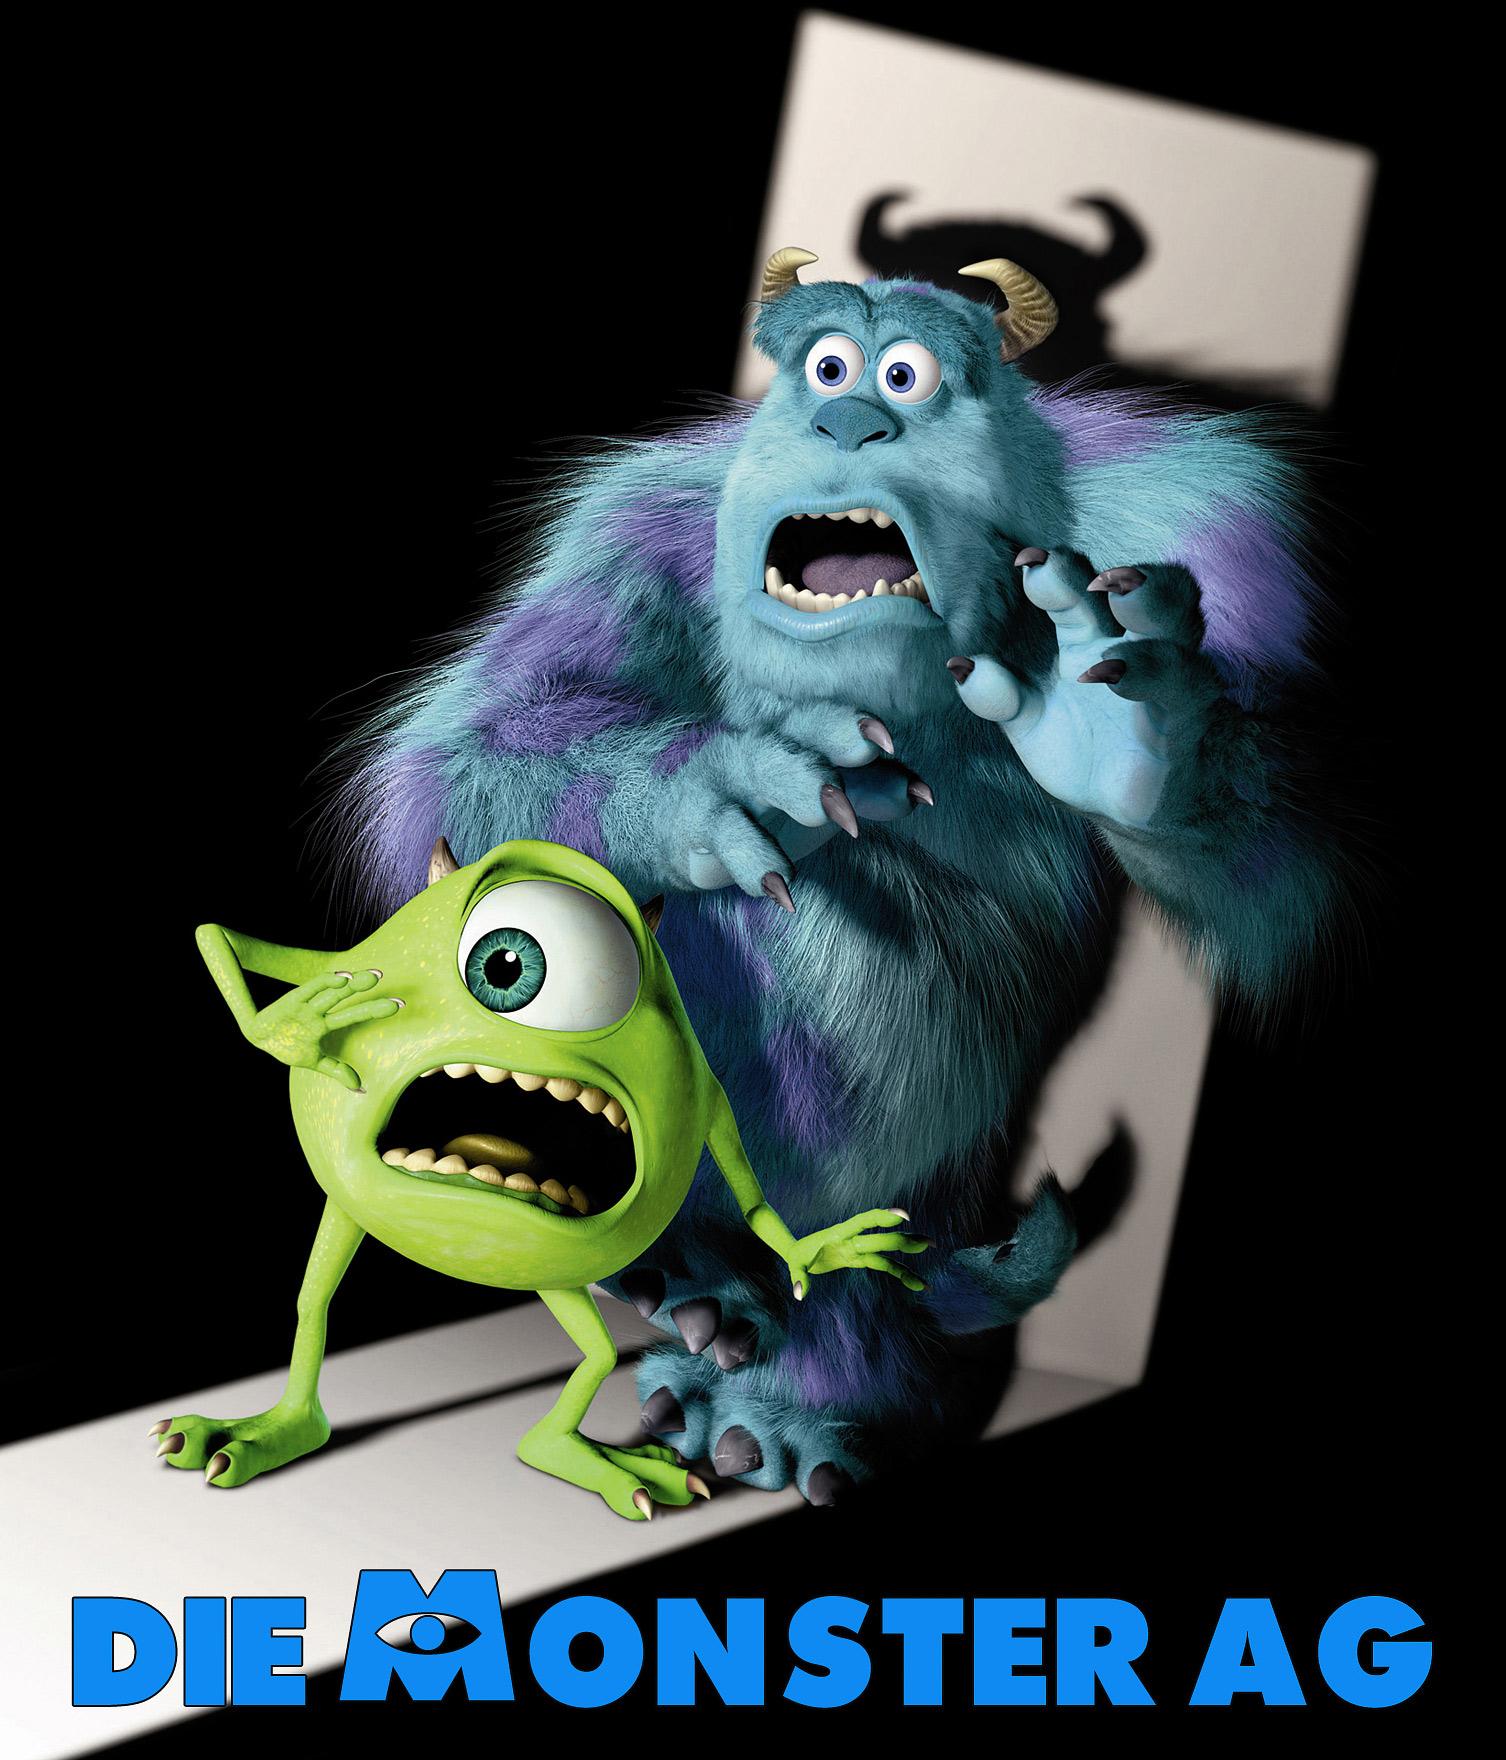 Game Movie Portalch Die Monster Ag Bilderscreenshots